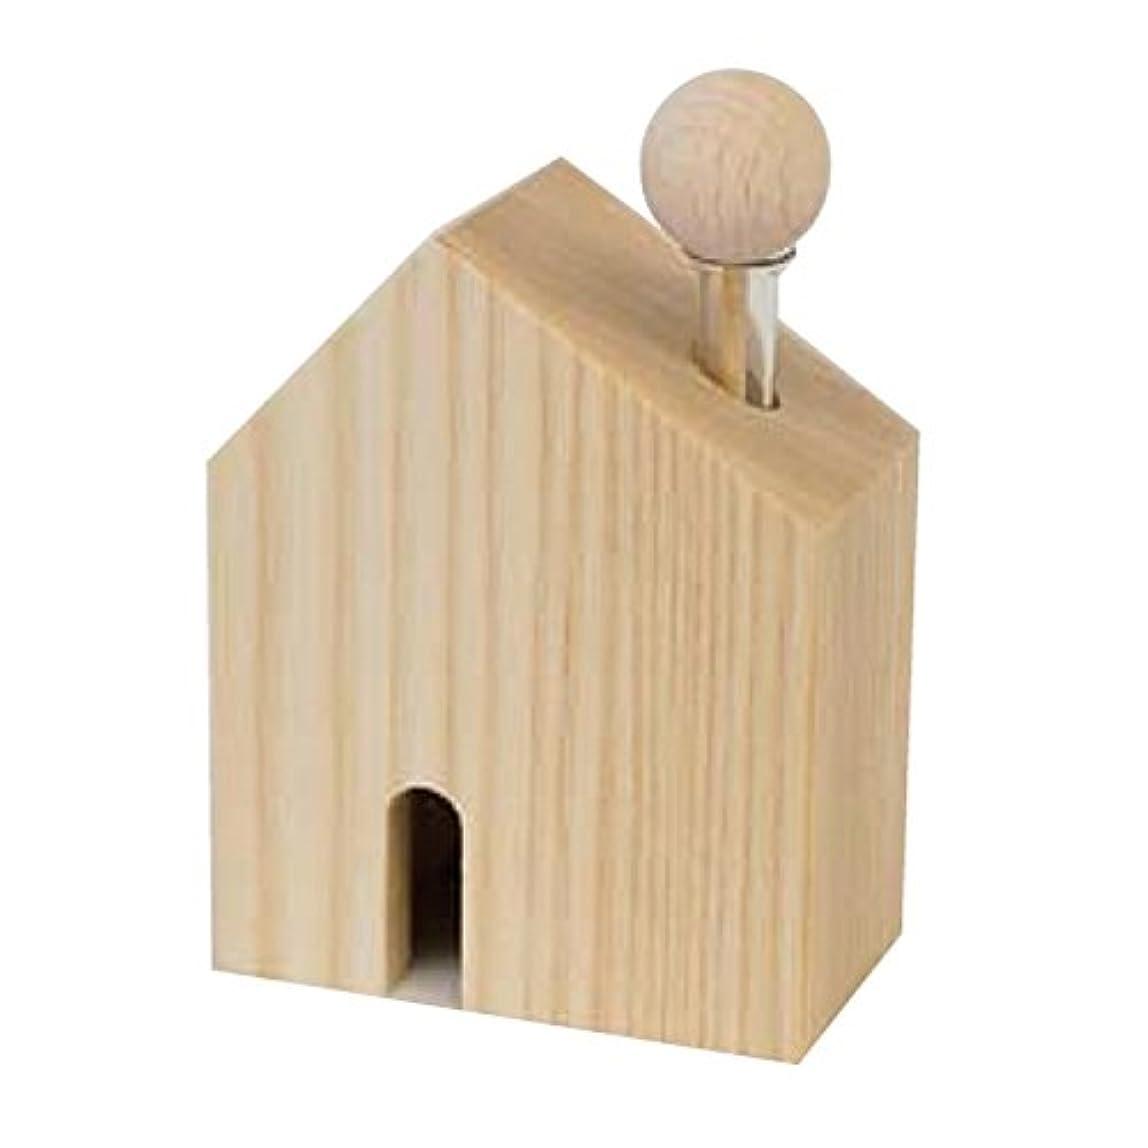 ラフ睡眠表示アカデミックカリス成城 アロマ芳香器 木のお家